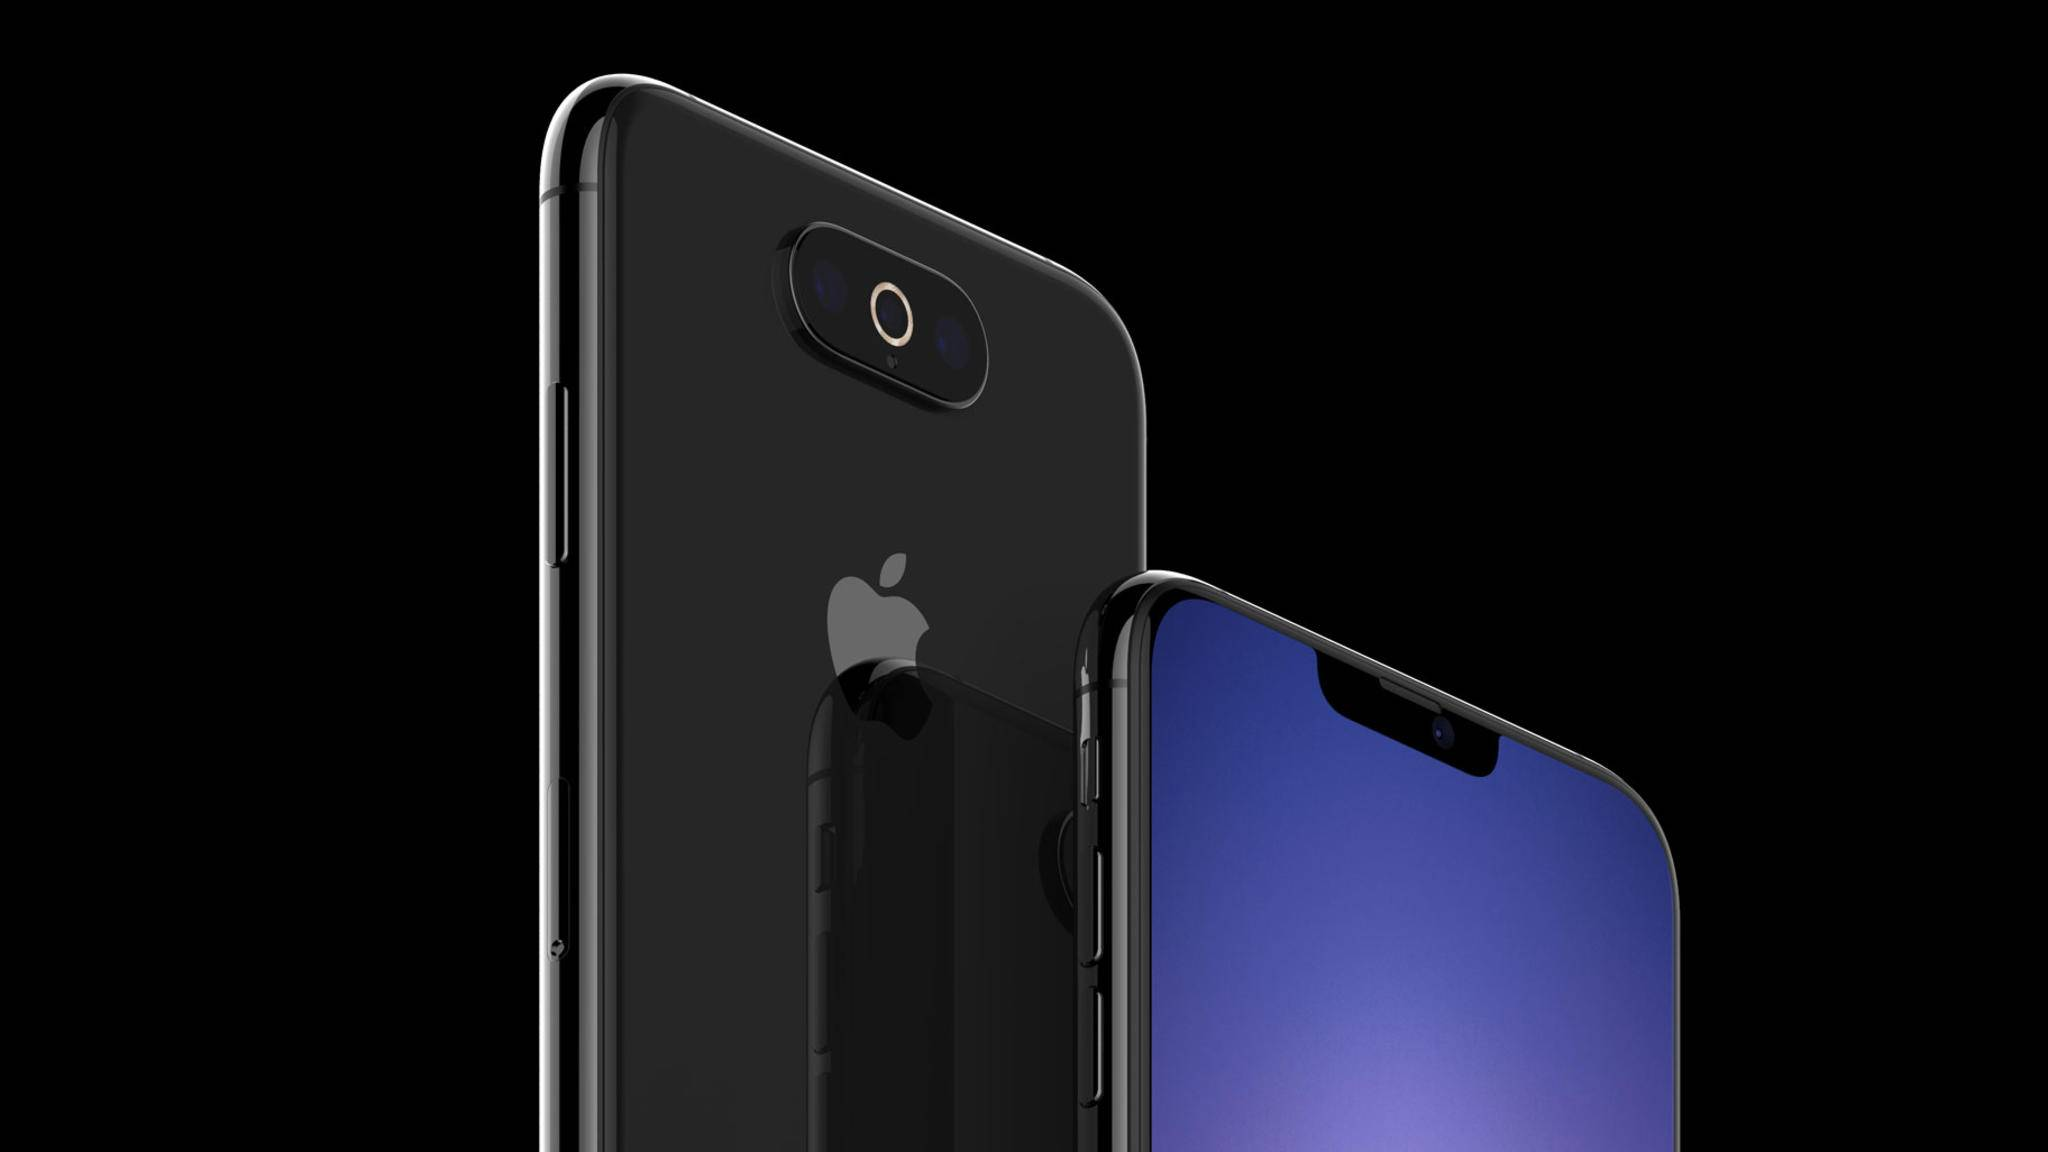 Die Triple-Cam des iPhone 2019 soll mehr Pixel und ein größeres Sichtfeld einfangen.